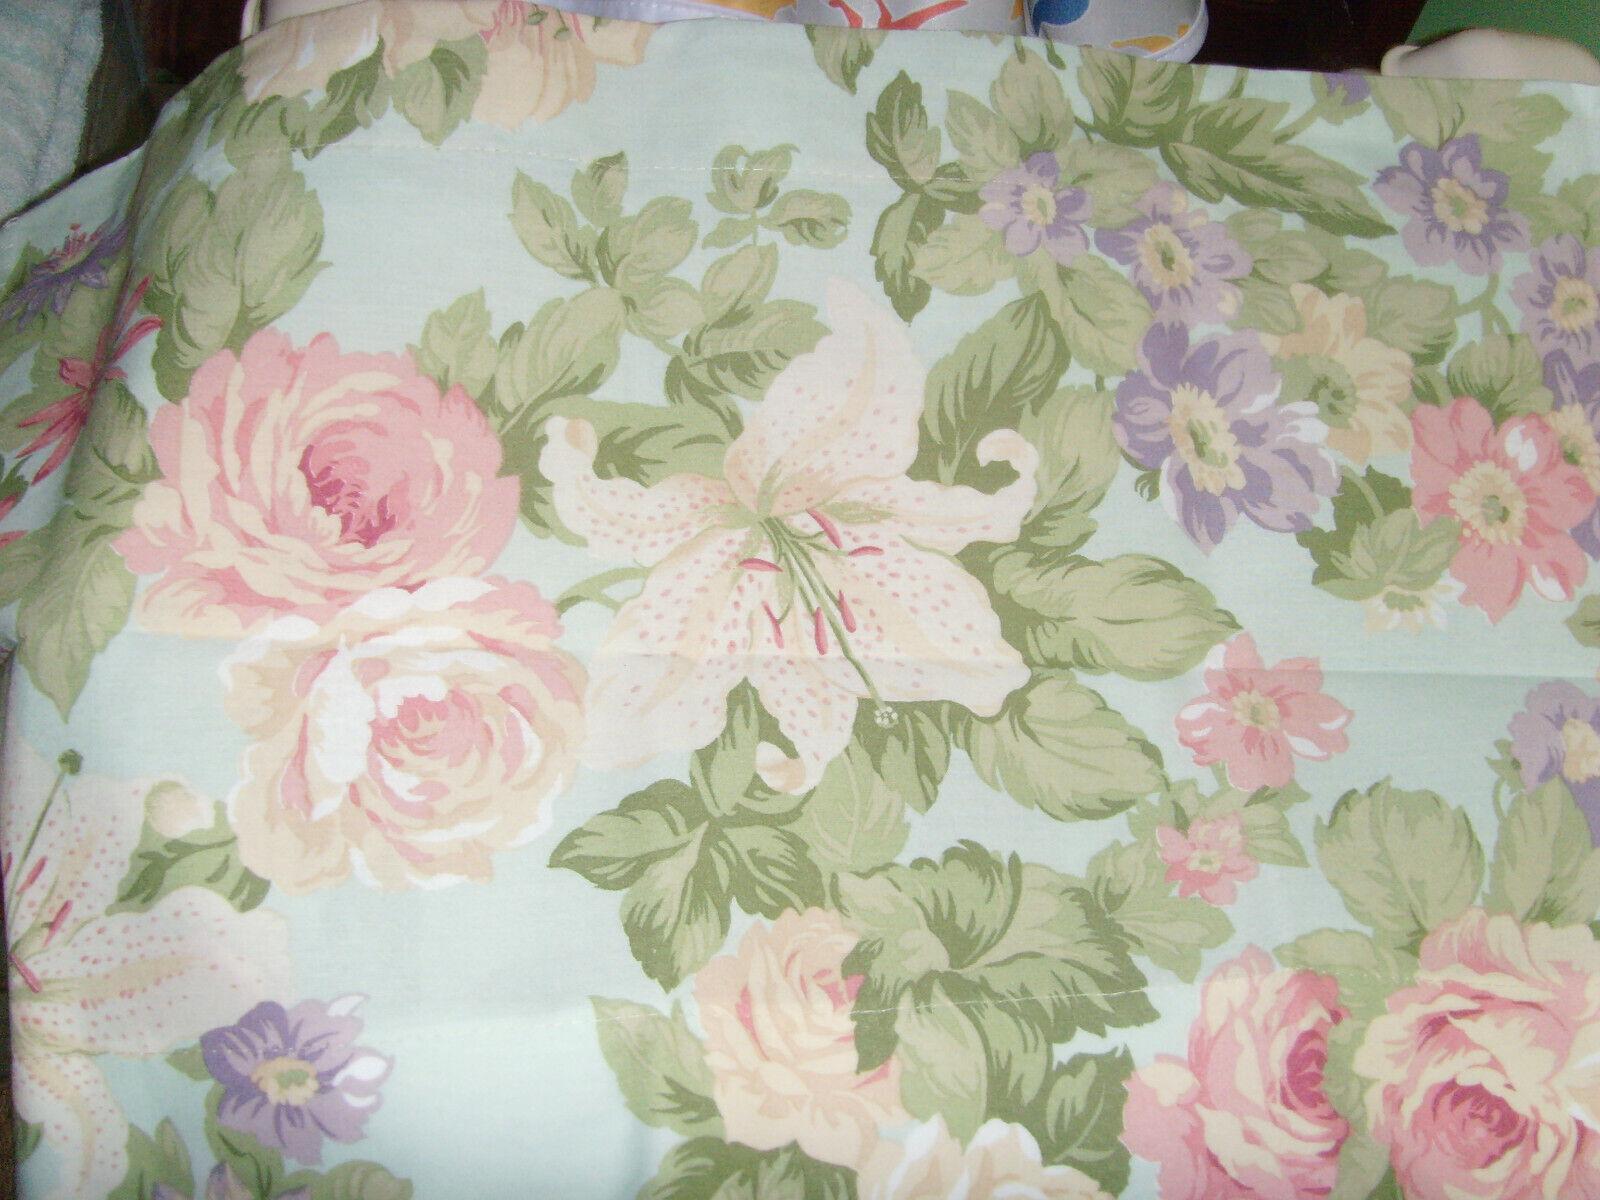 Martha Stewart Pastel Floral Wallpaper Border Passion Flower W